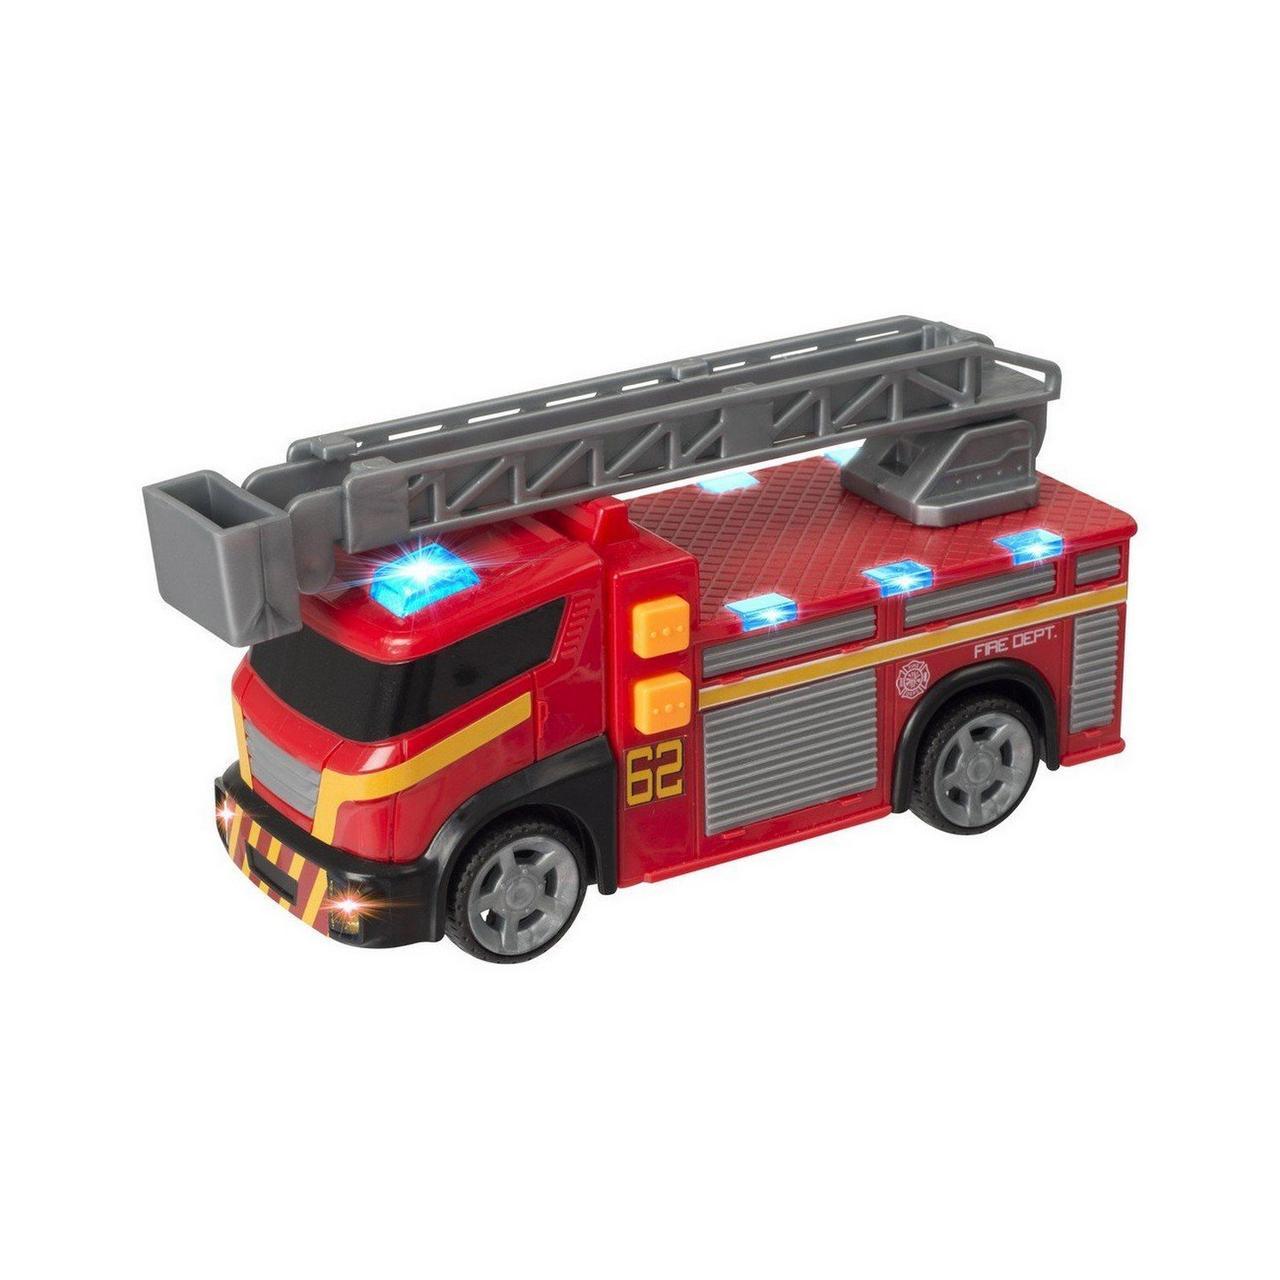 Teamsterz Игрушечная машинка Mighty Moverz Пожарная машина 25 см (свет, звук)